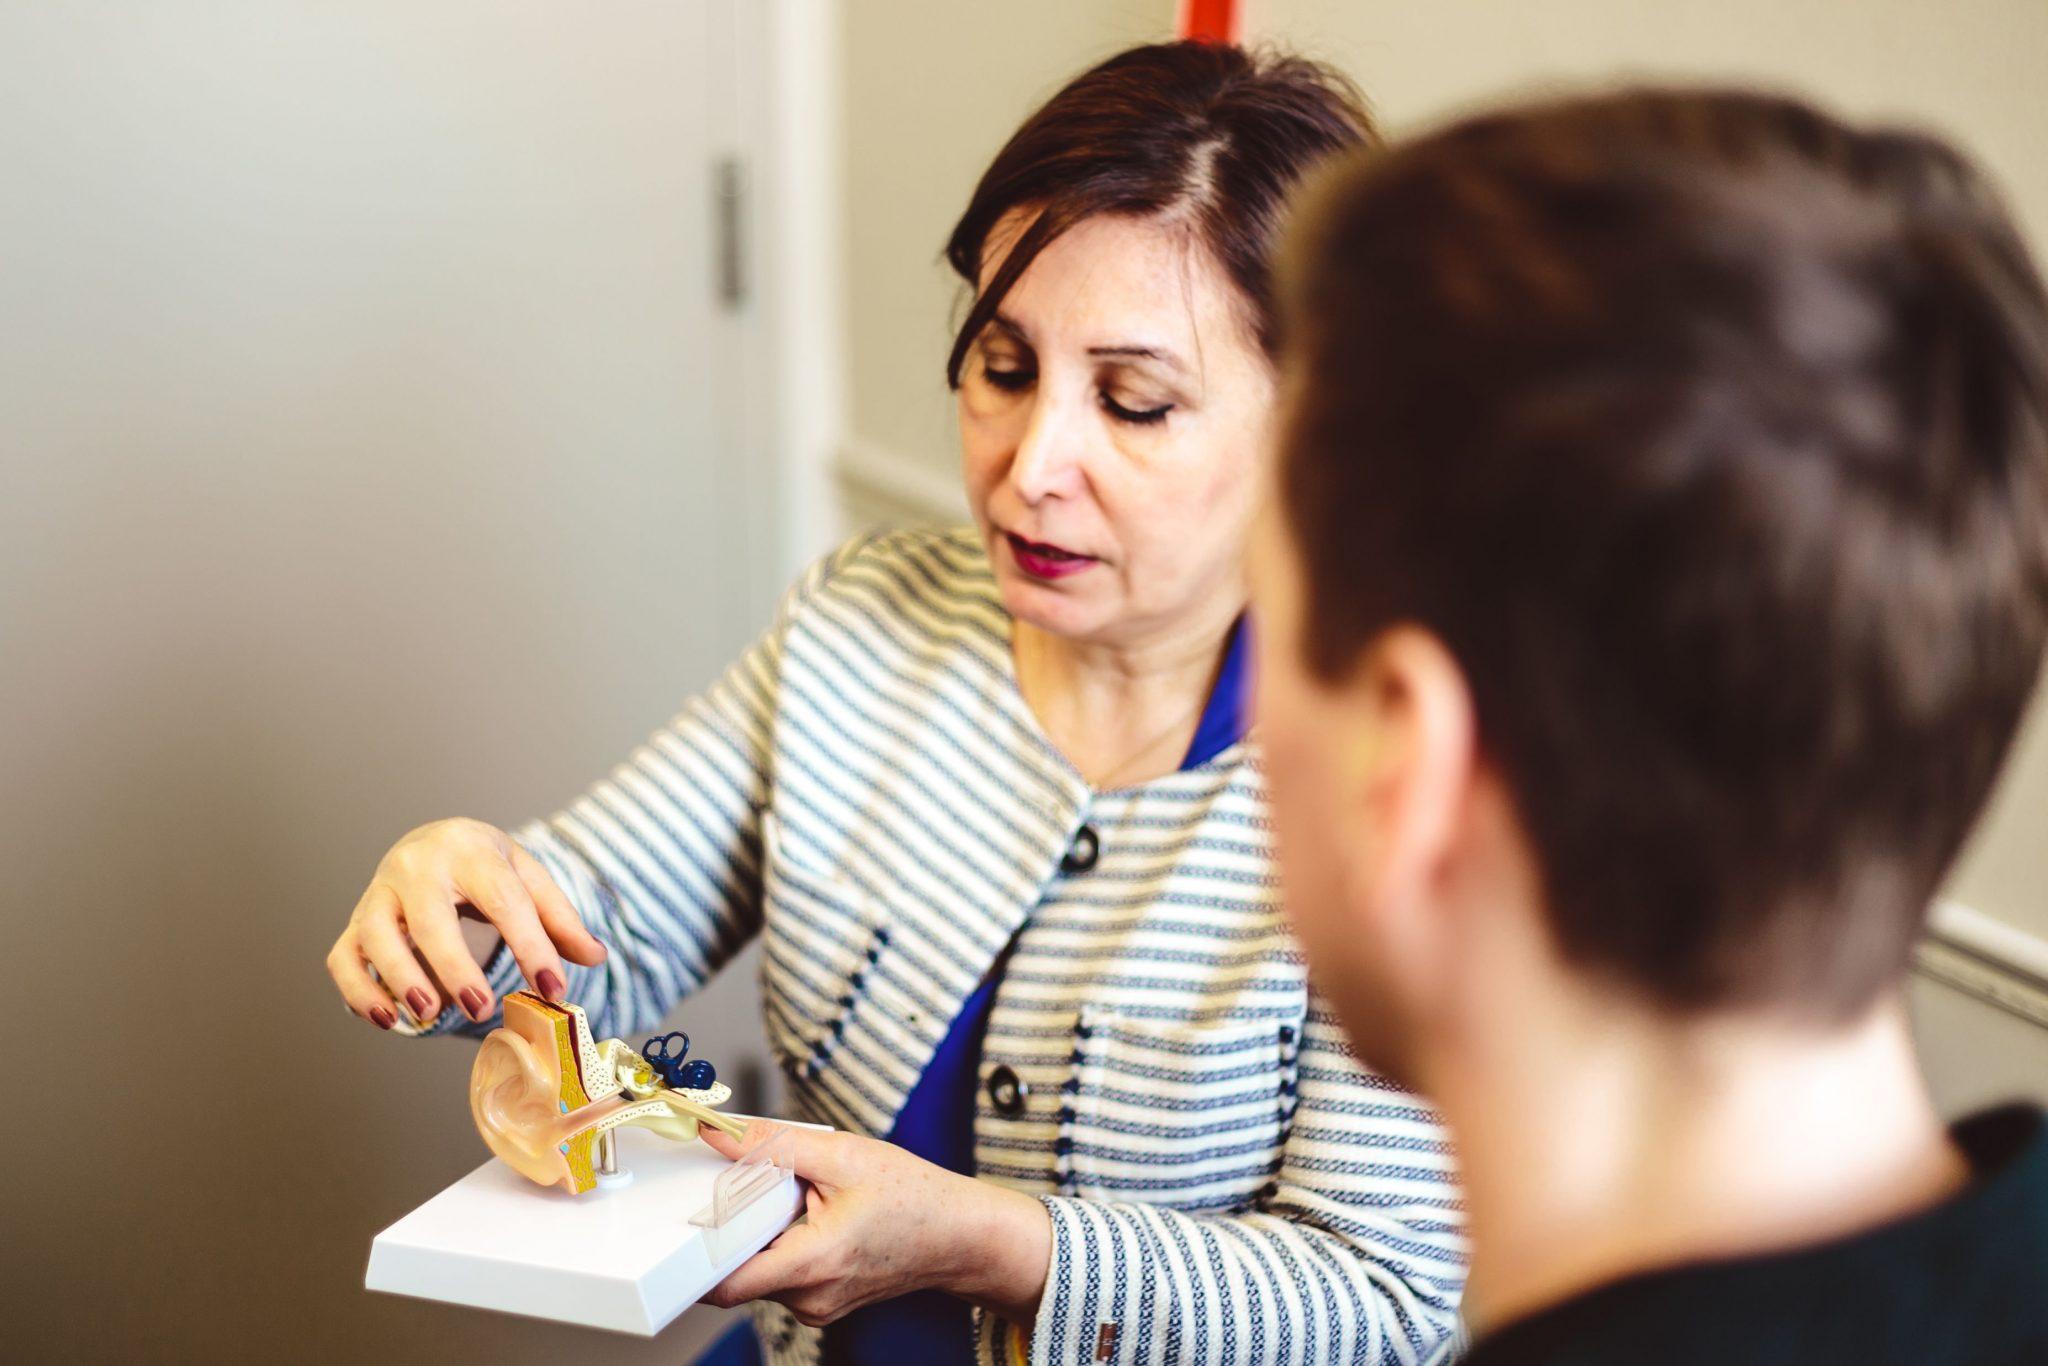 Vestibular rehabilitation in don mills